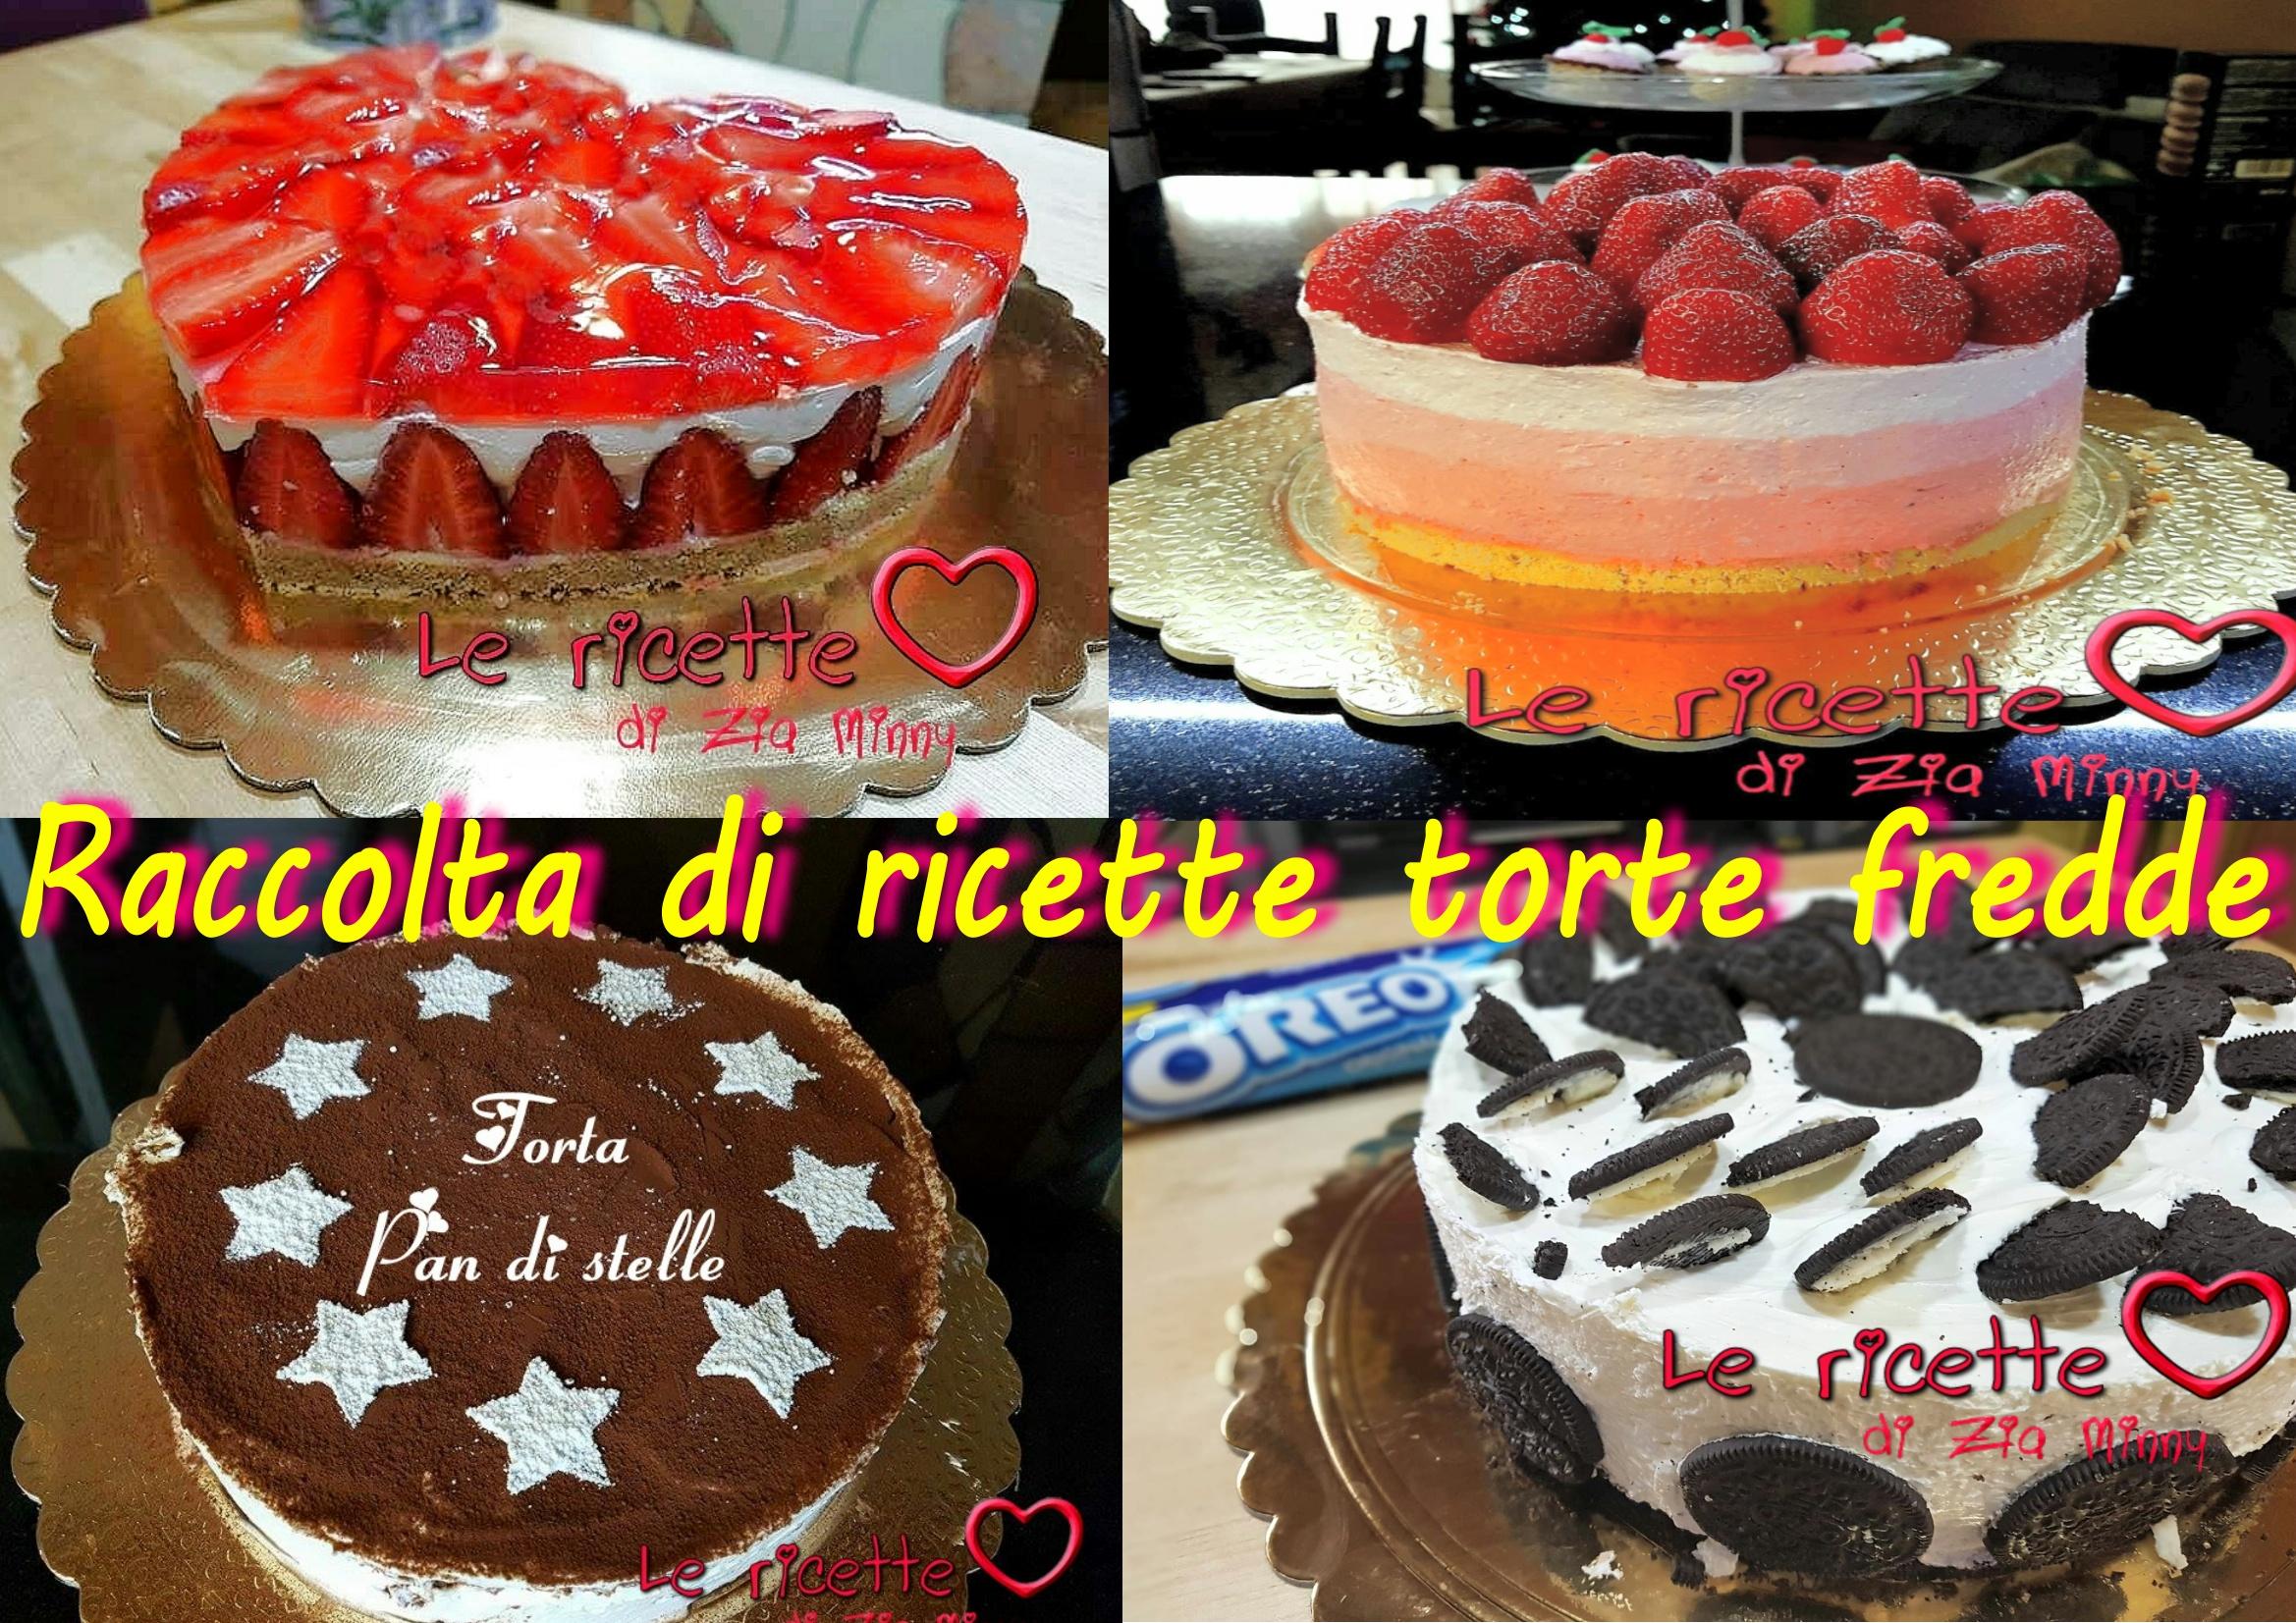 RACCOLTA DI RICETTE TORTE FREDDE